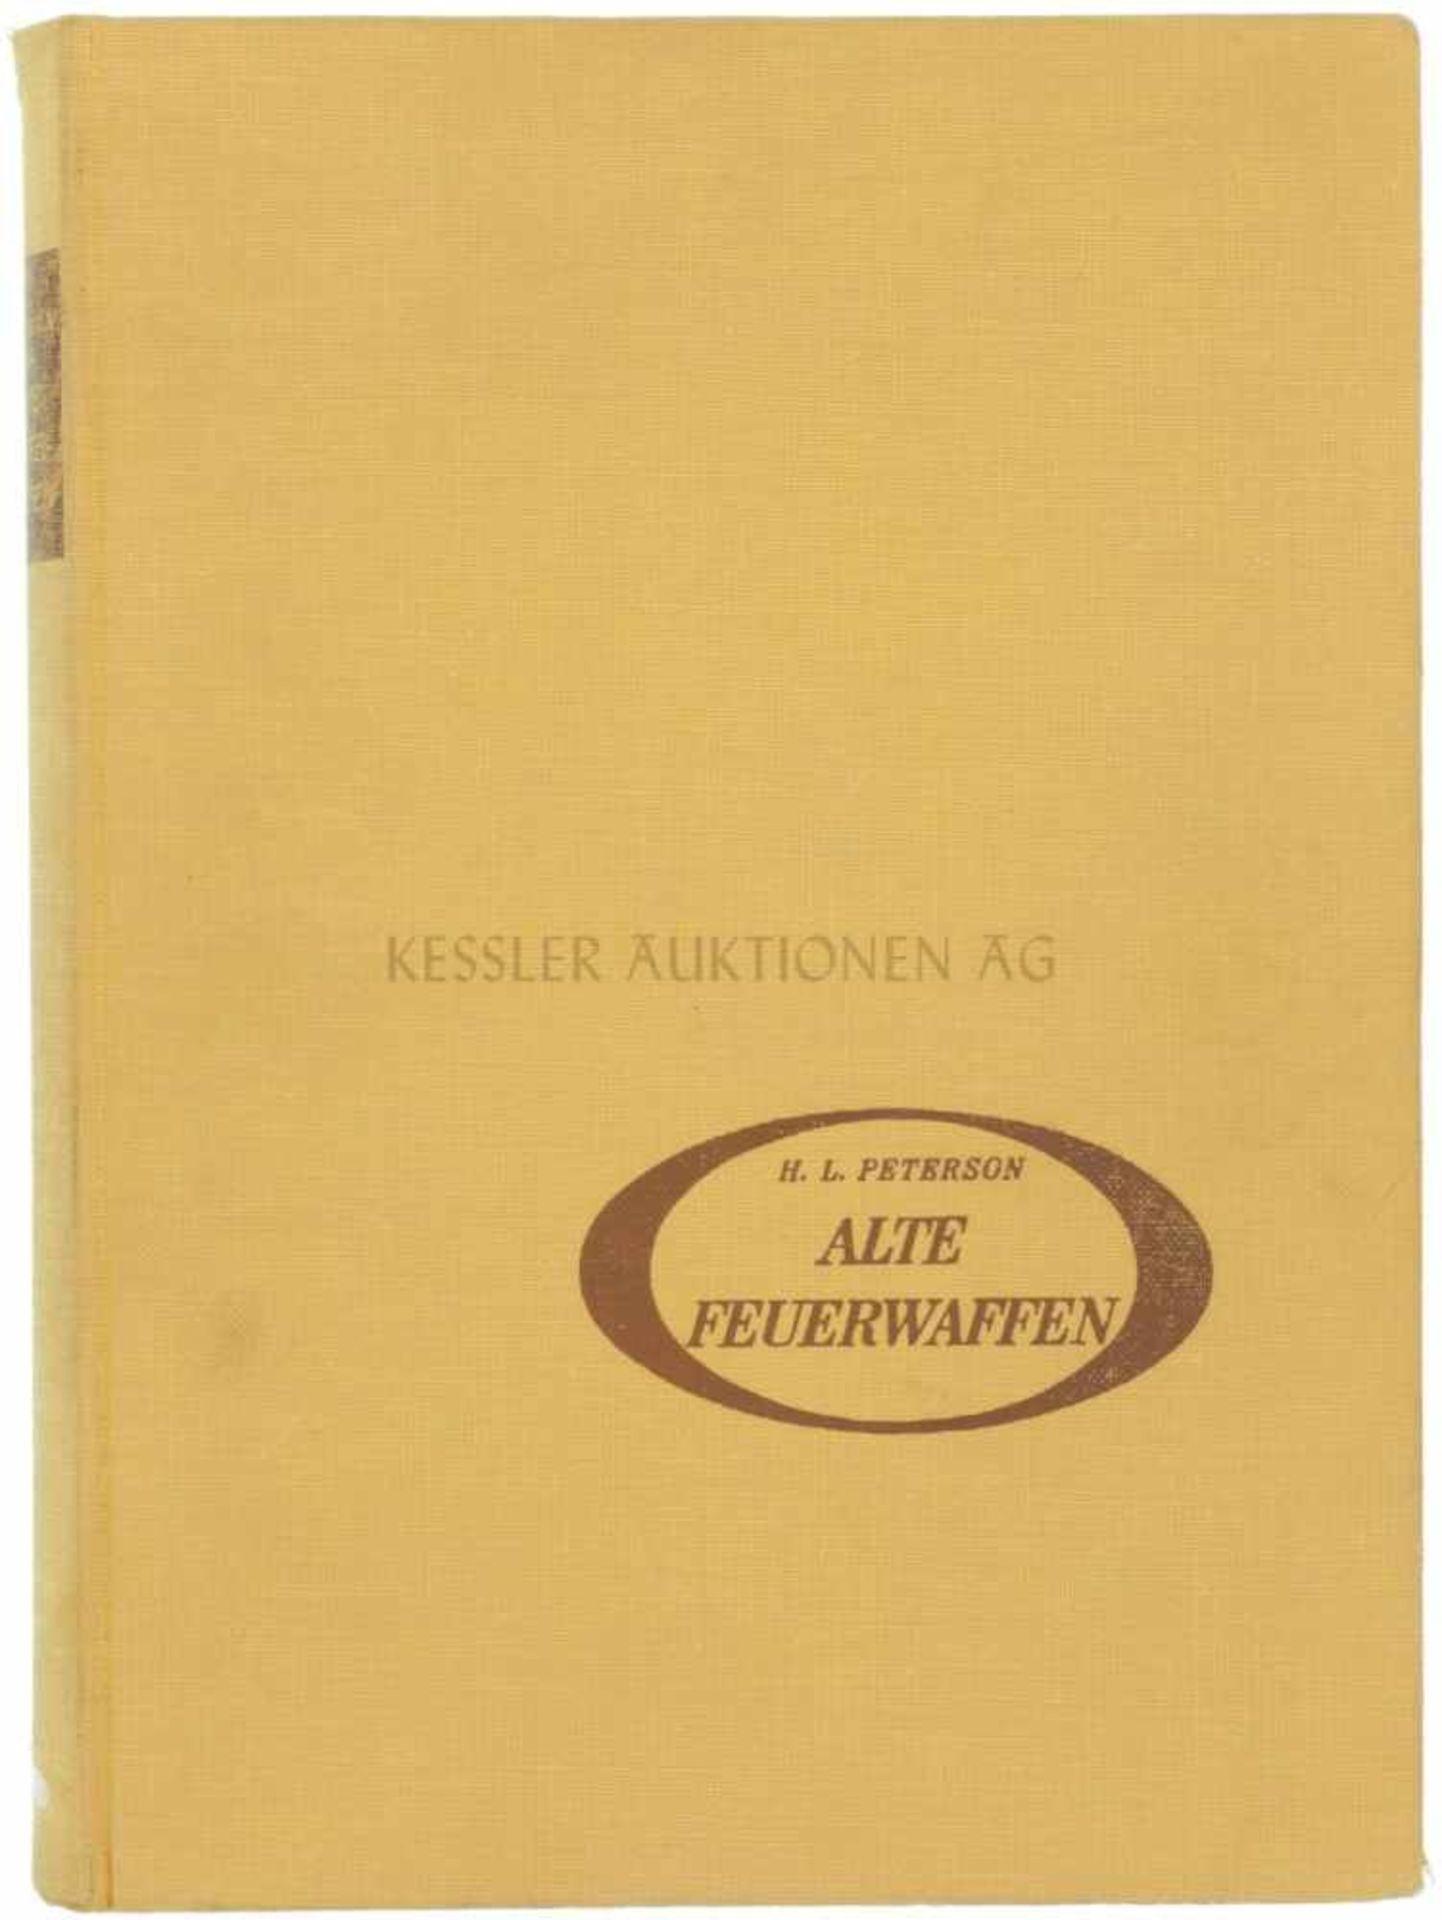 Alte Feuerwaffen Autor Harold L. Peterson, Verlag Welsermühl, 1966, 268 Seiten mit vielen farbigen